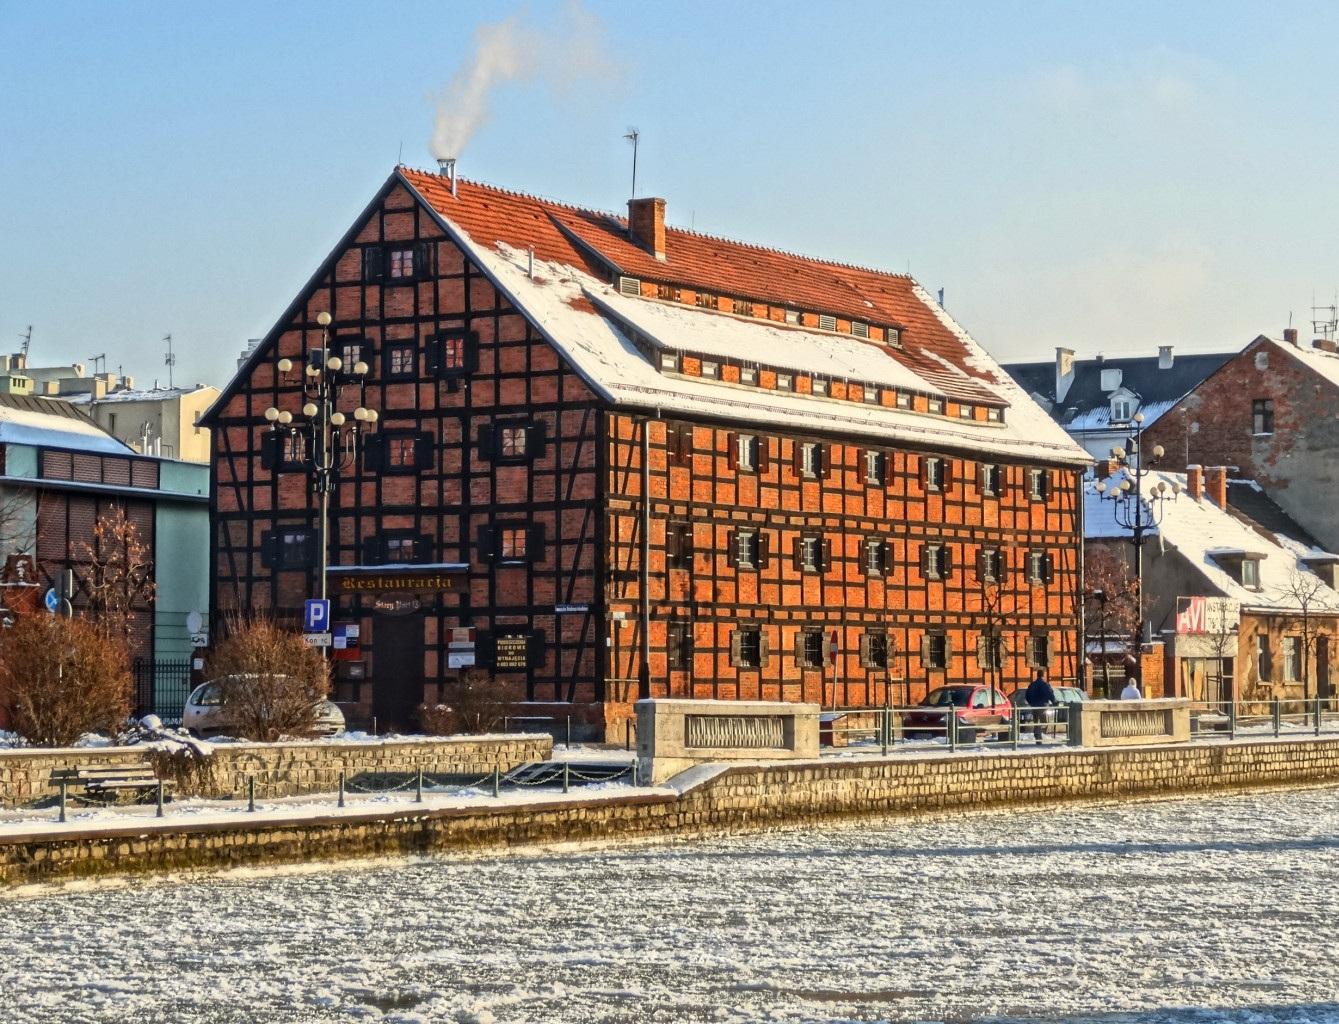 Fotos gratis : arquitectura, casa, pueblo, techo, edificio, fachada ...